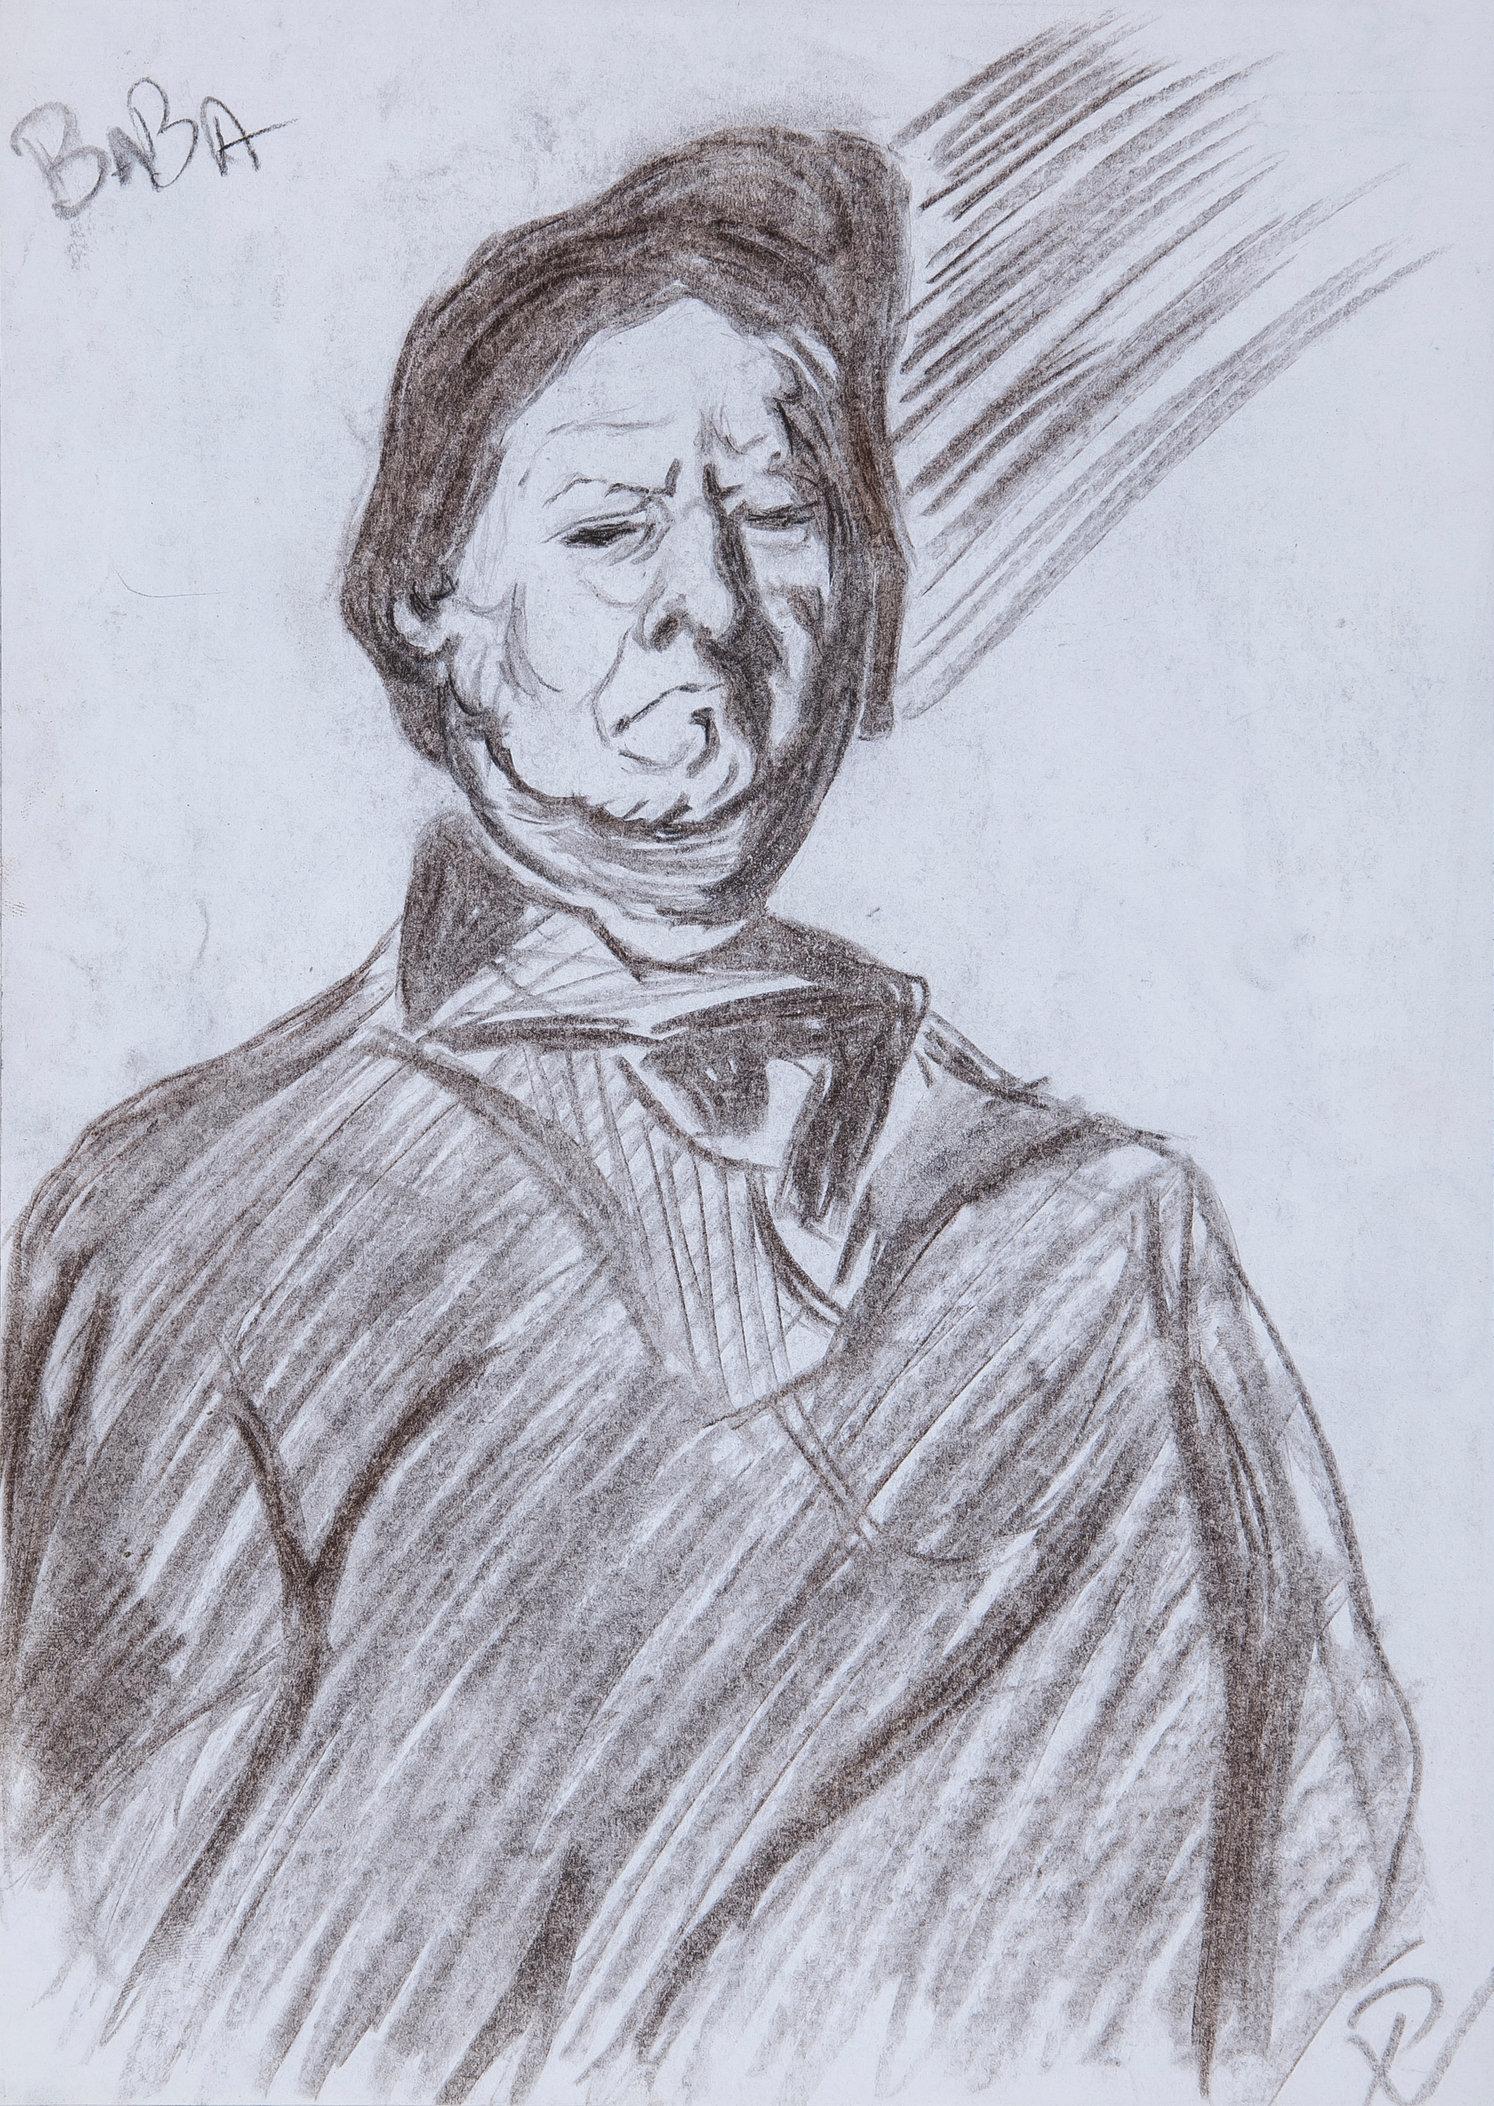 Baba, Corneliu (Portrait Study) 2